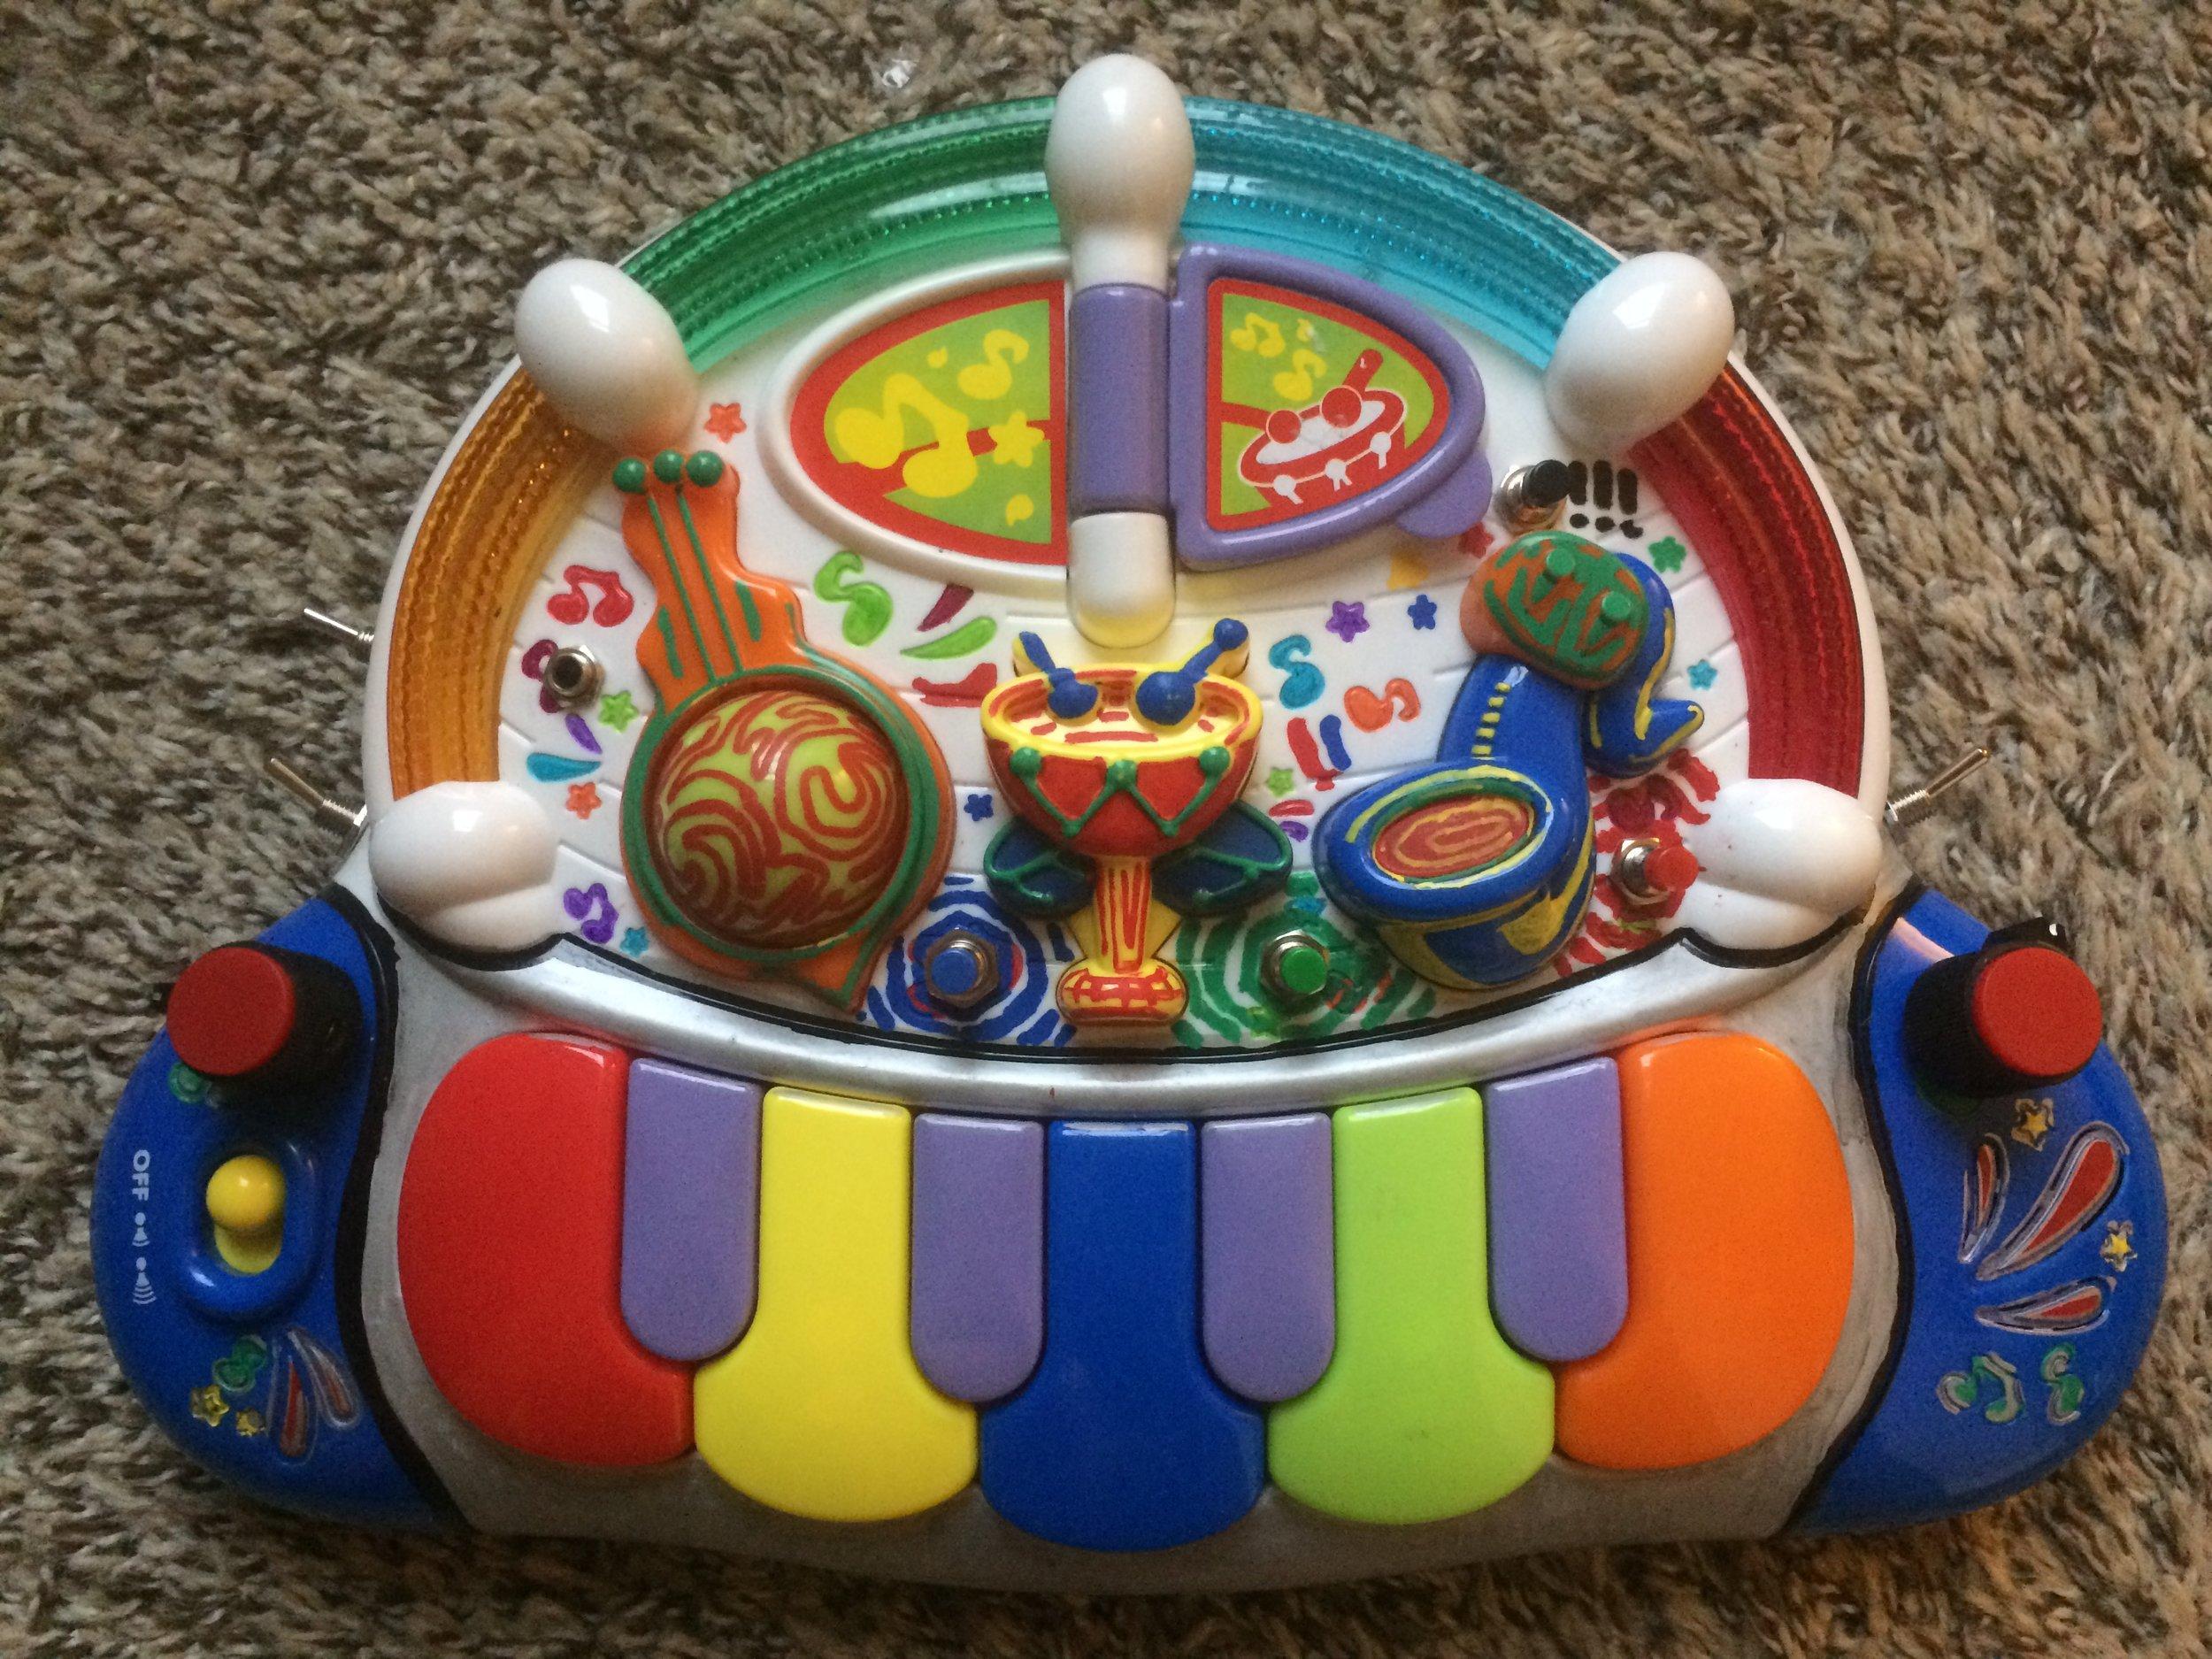 Hap-P-Kid Toy Piano